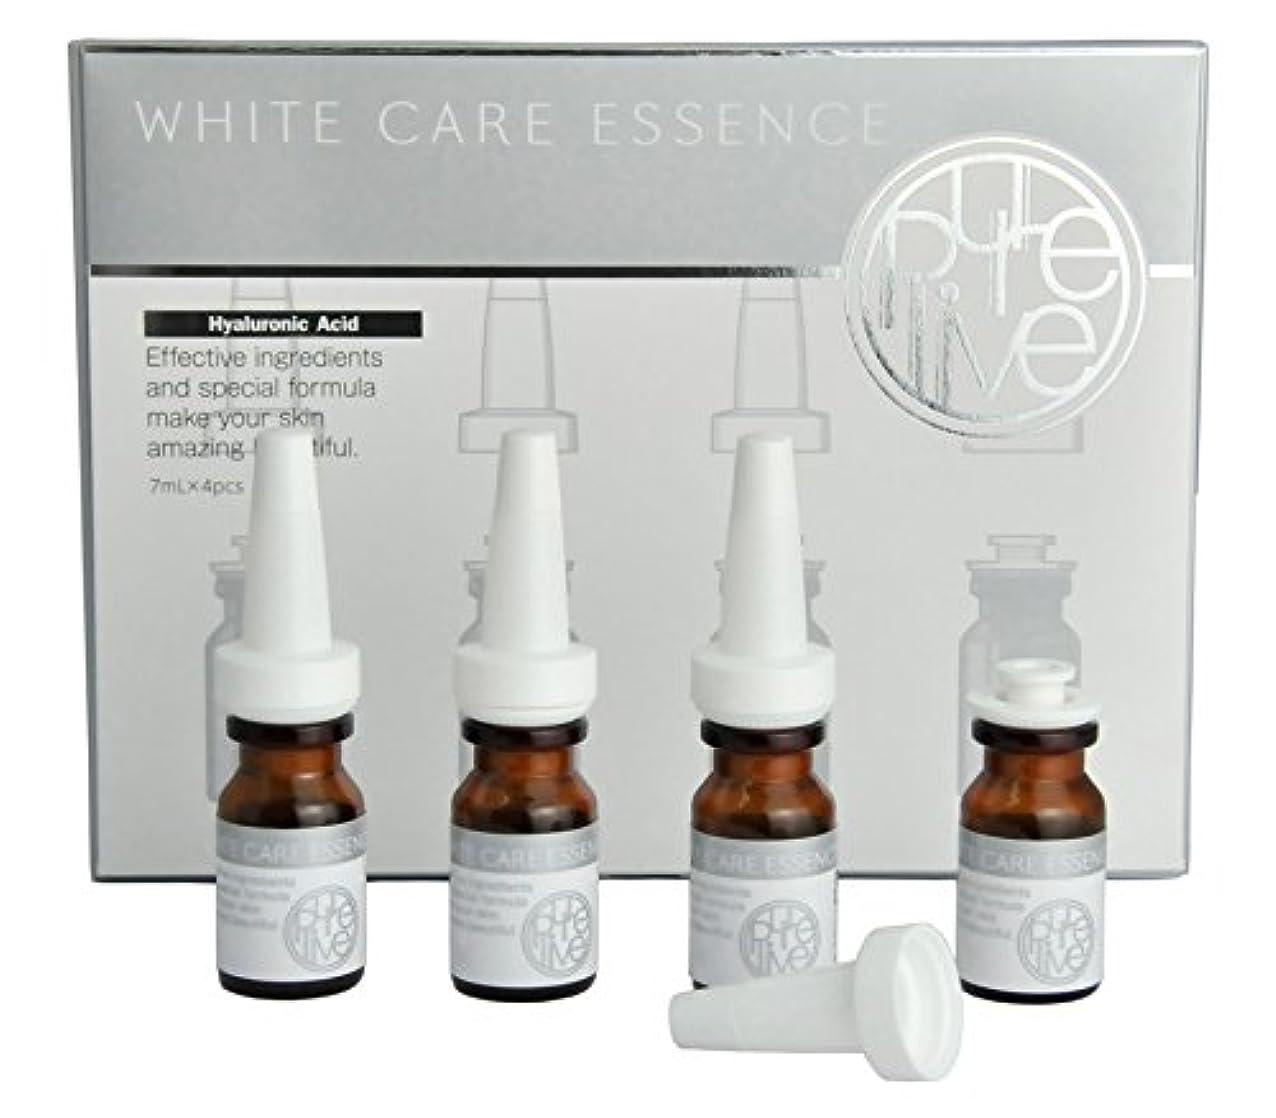 証明盲目ヒューバートハドソン[PURELIVE] クリア エッセンス WHITE CARE ESSENCE‐KH762081